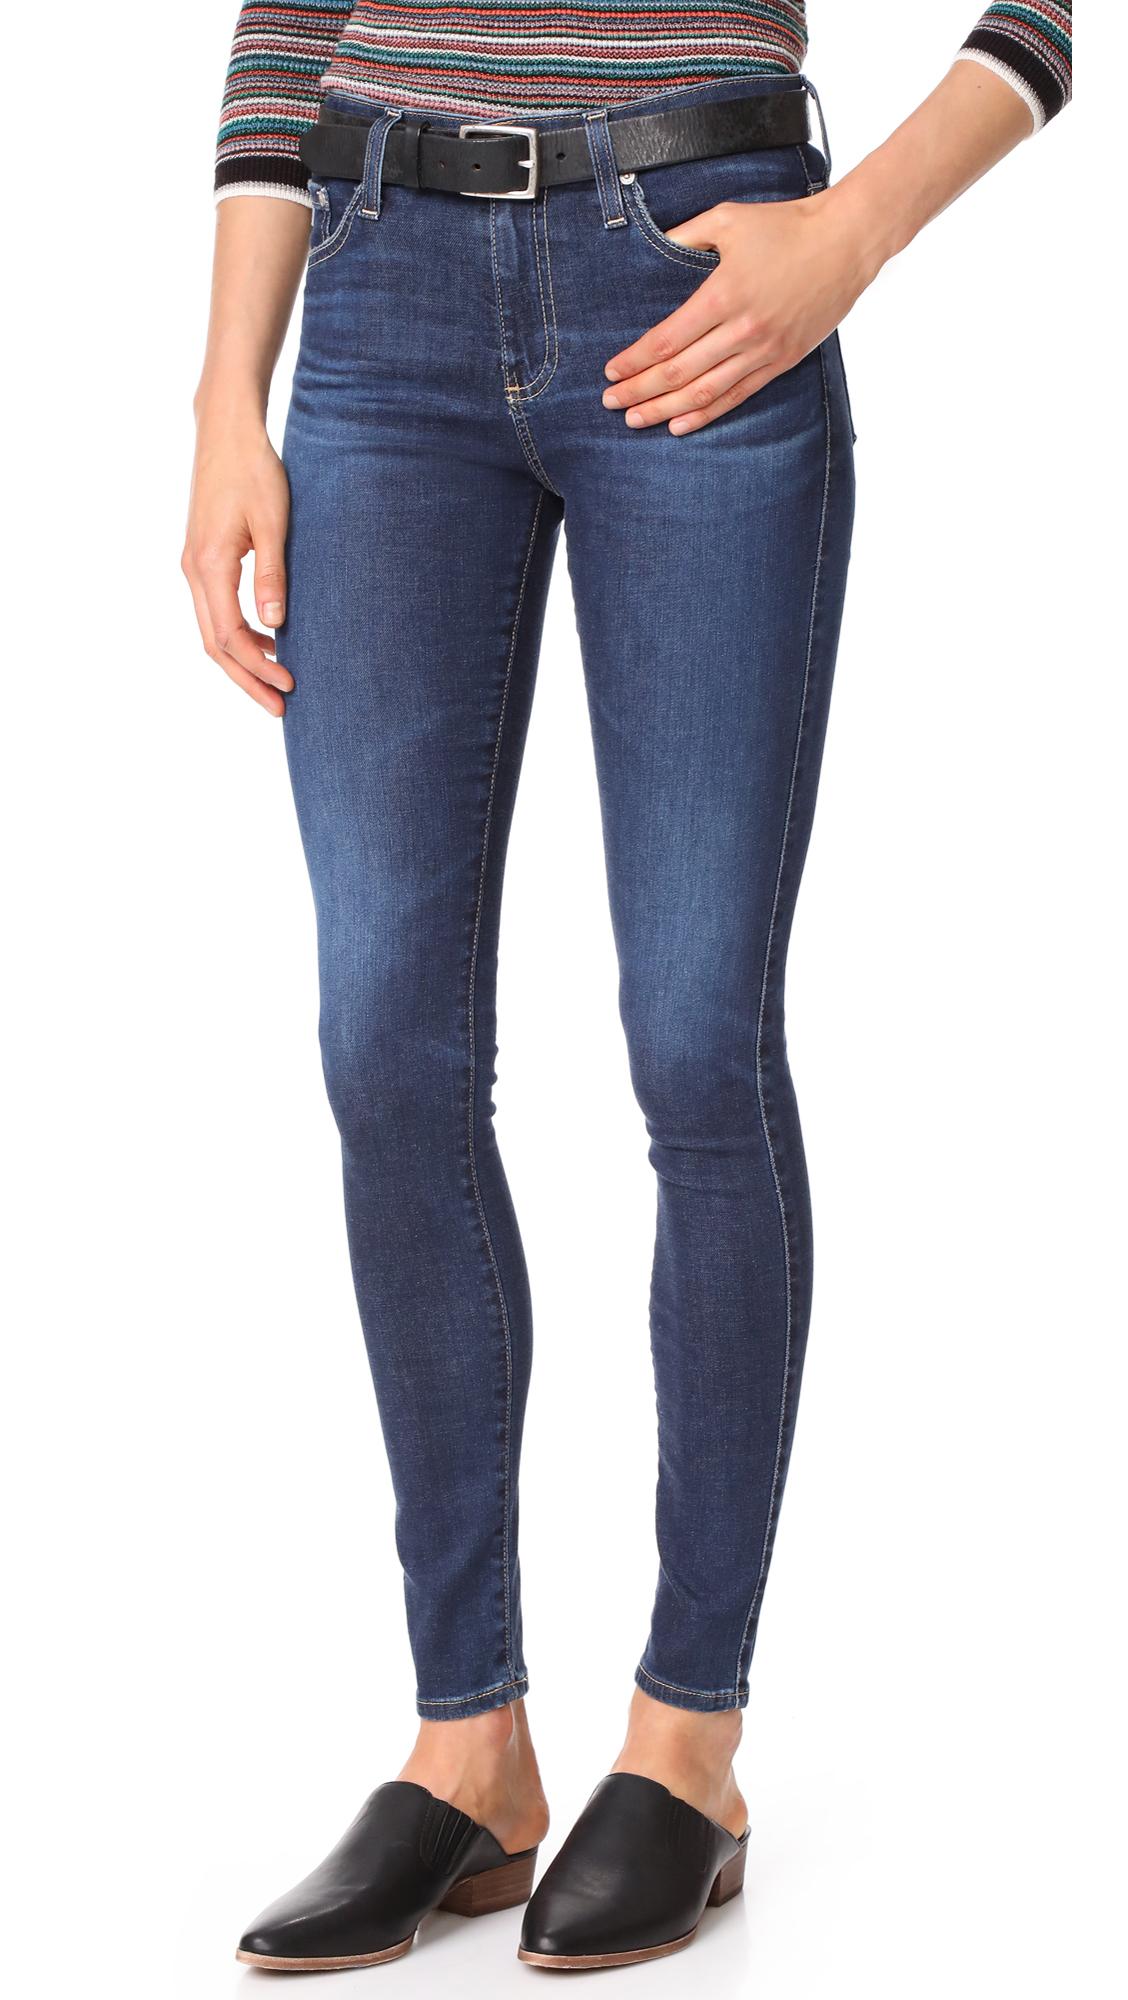 AG The Farrah Skinny Jeans - 6 Years Songbird